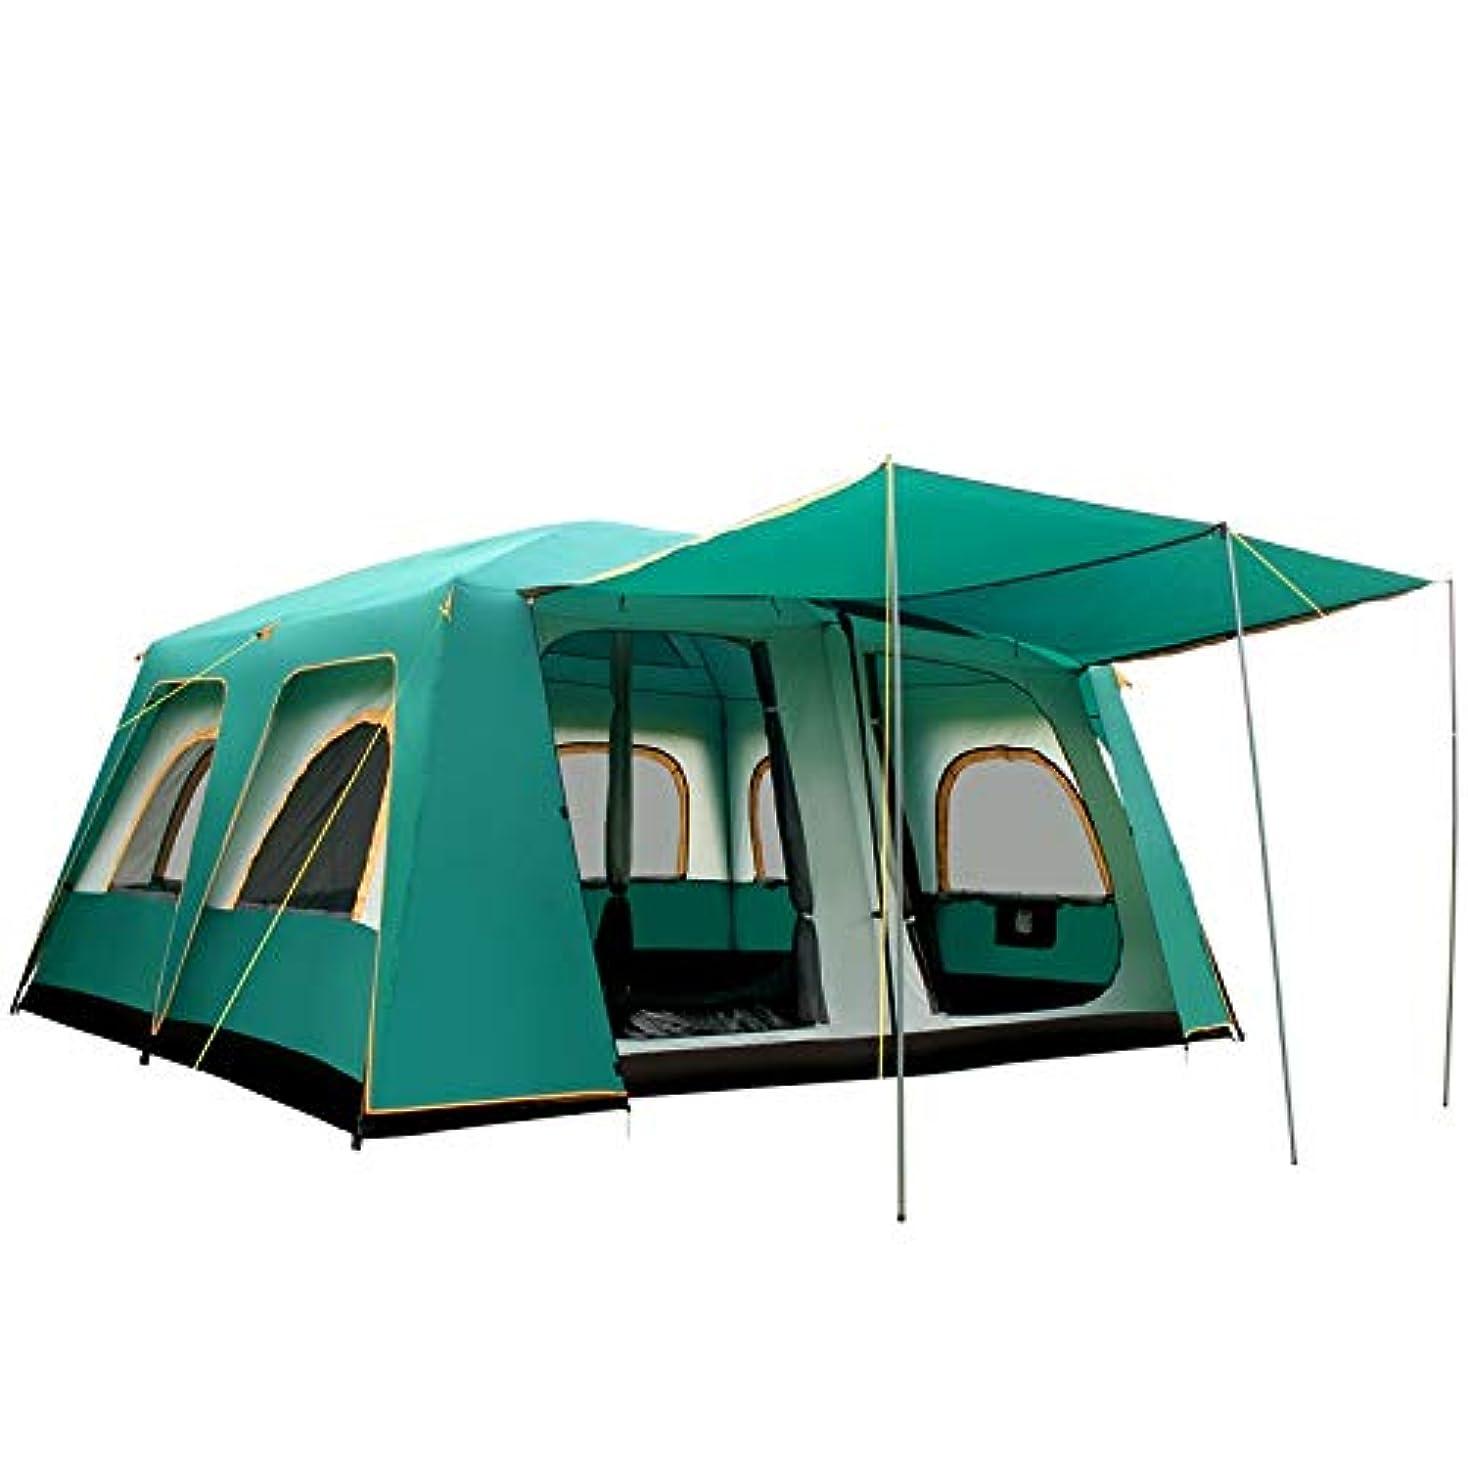 罰悲惨な謎めいた屋外テント、10-16人、家族、友達、ビッグテント、防雨